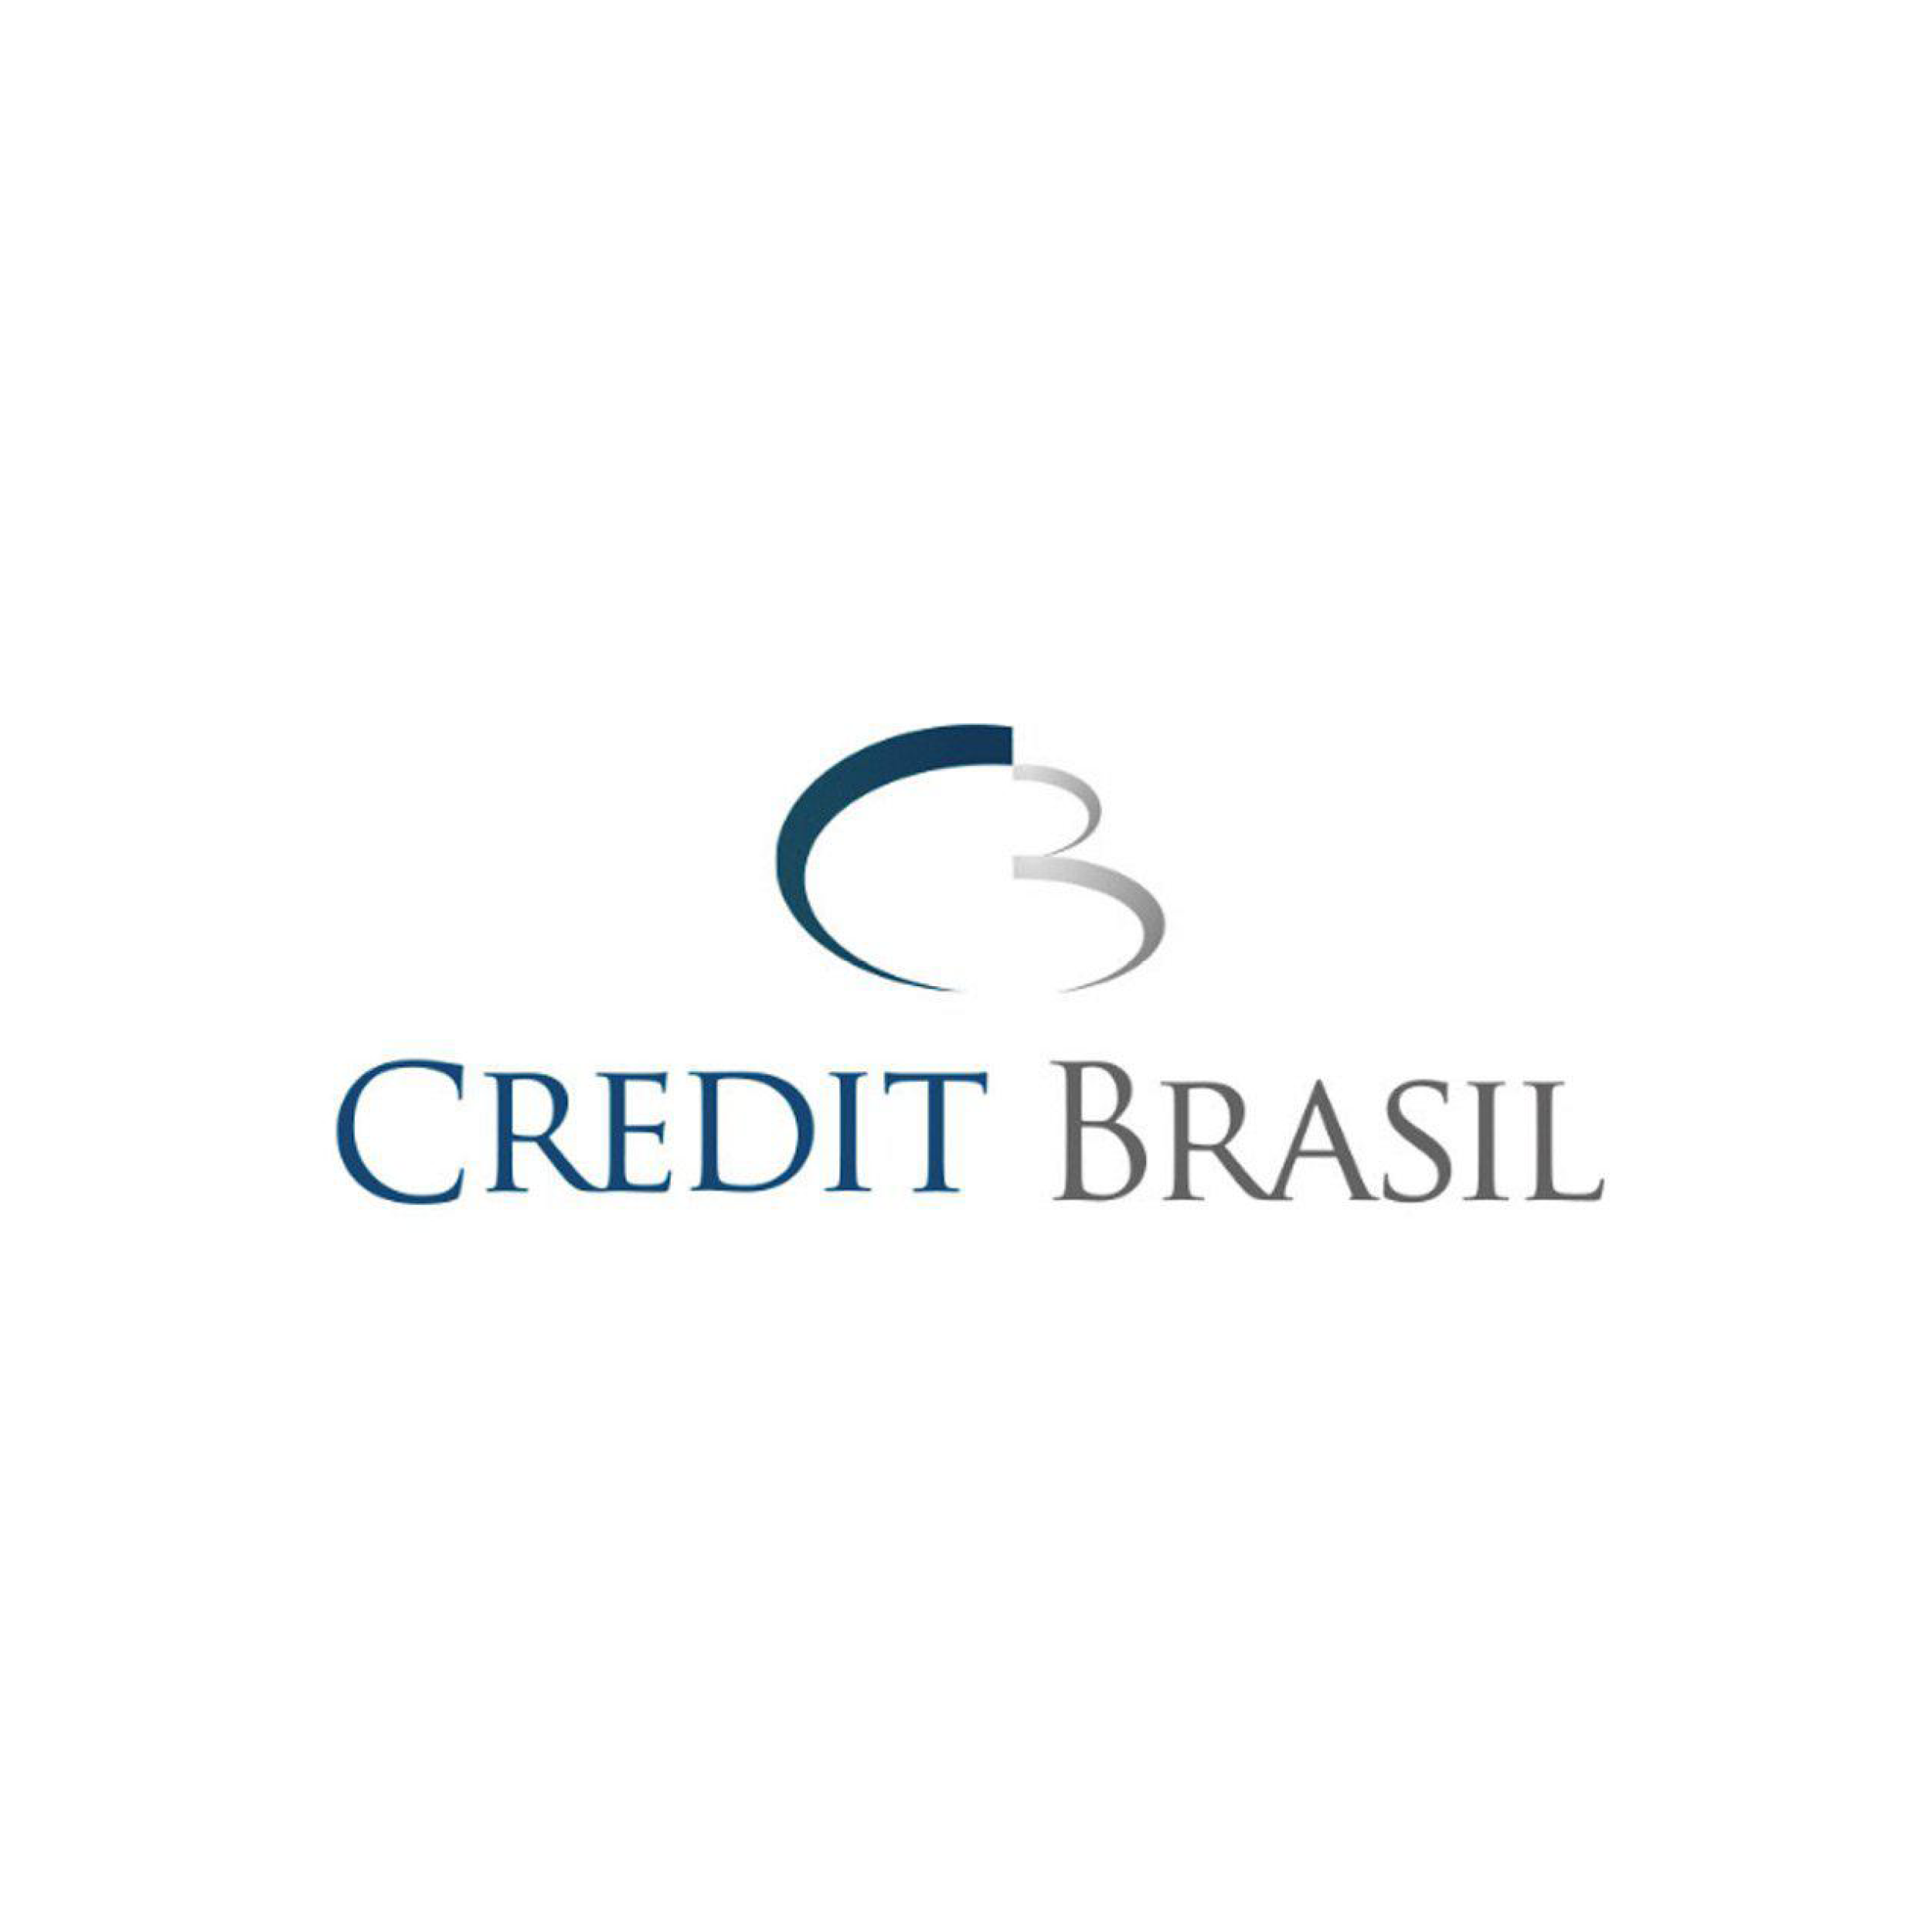 Credit Brasil